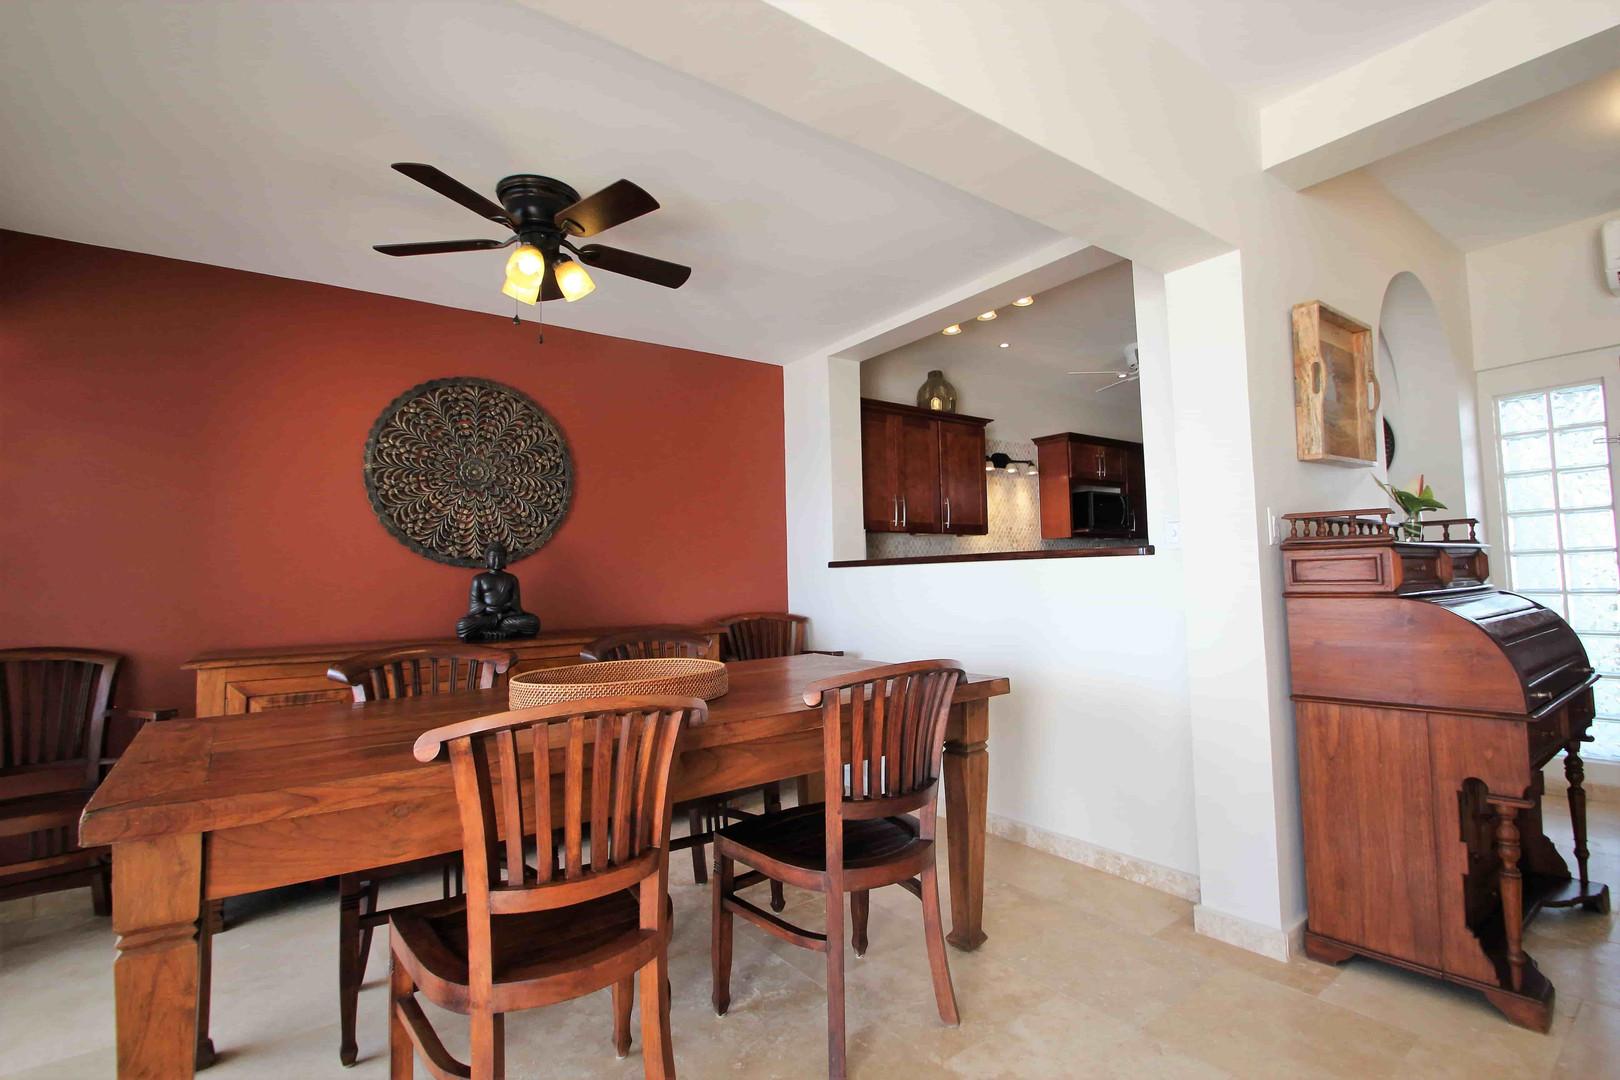 Villa Velaire Dining Room LR.JPG